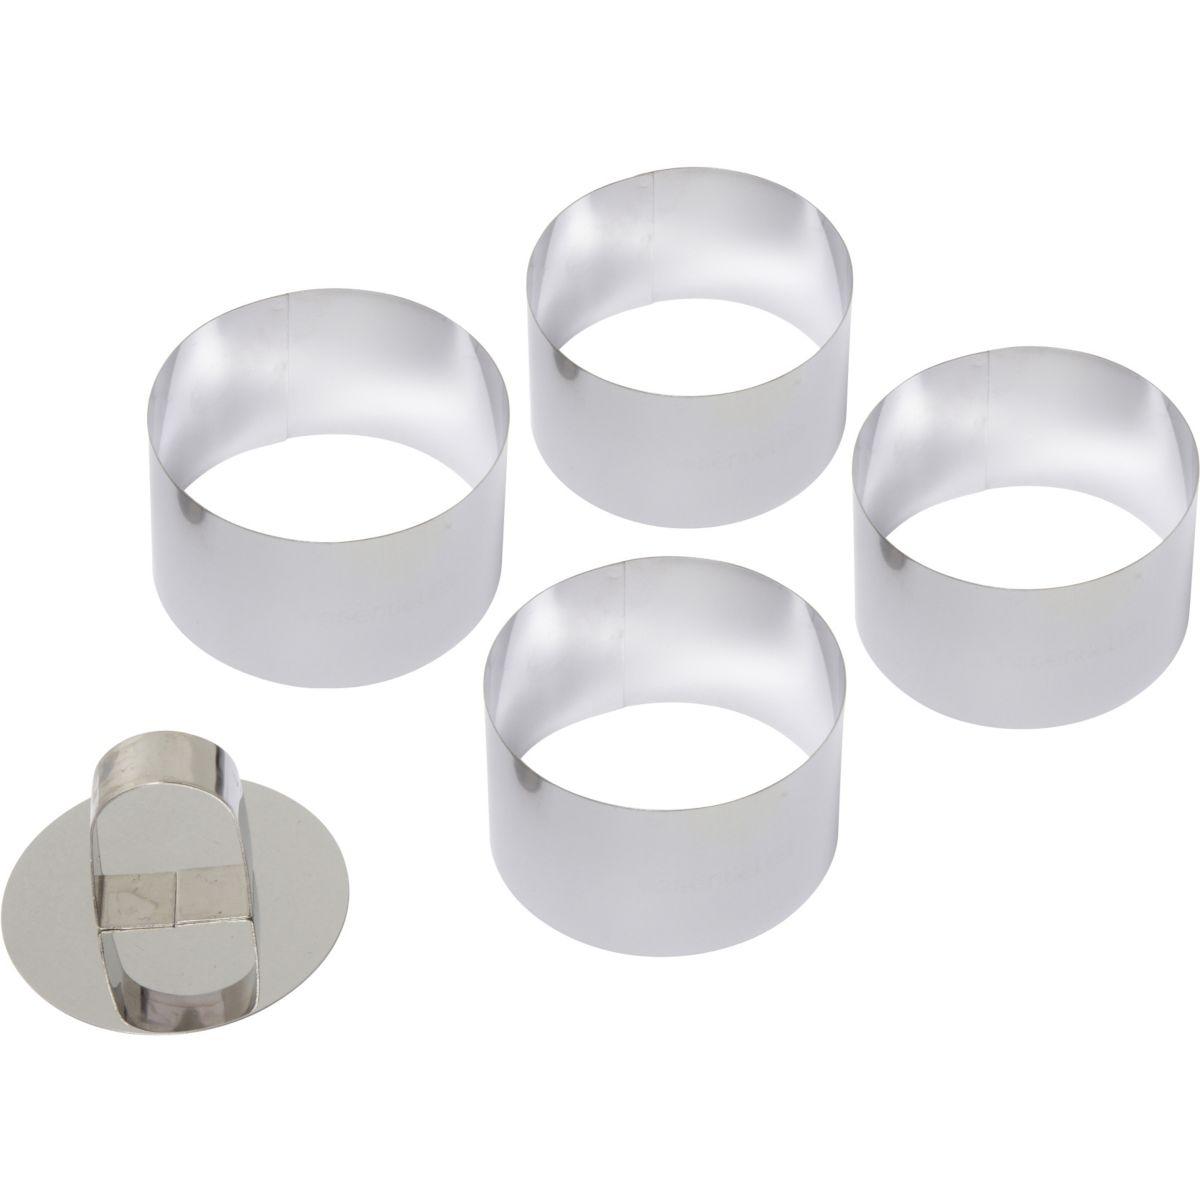 Coffret ESSENTIELB 4 cercles métal Ø 7.5 (photo)